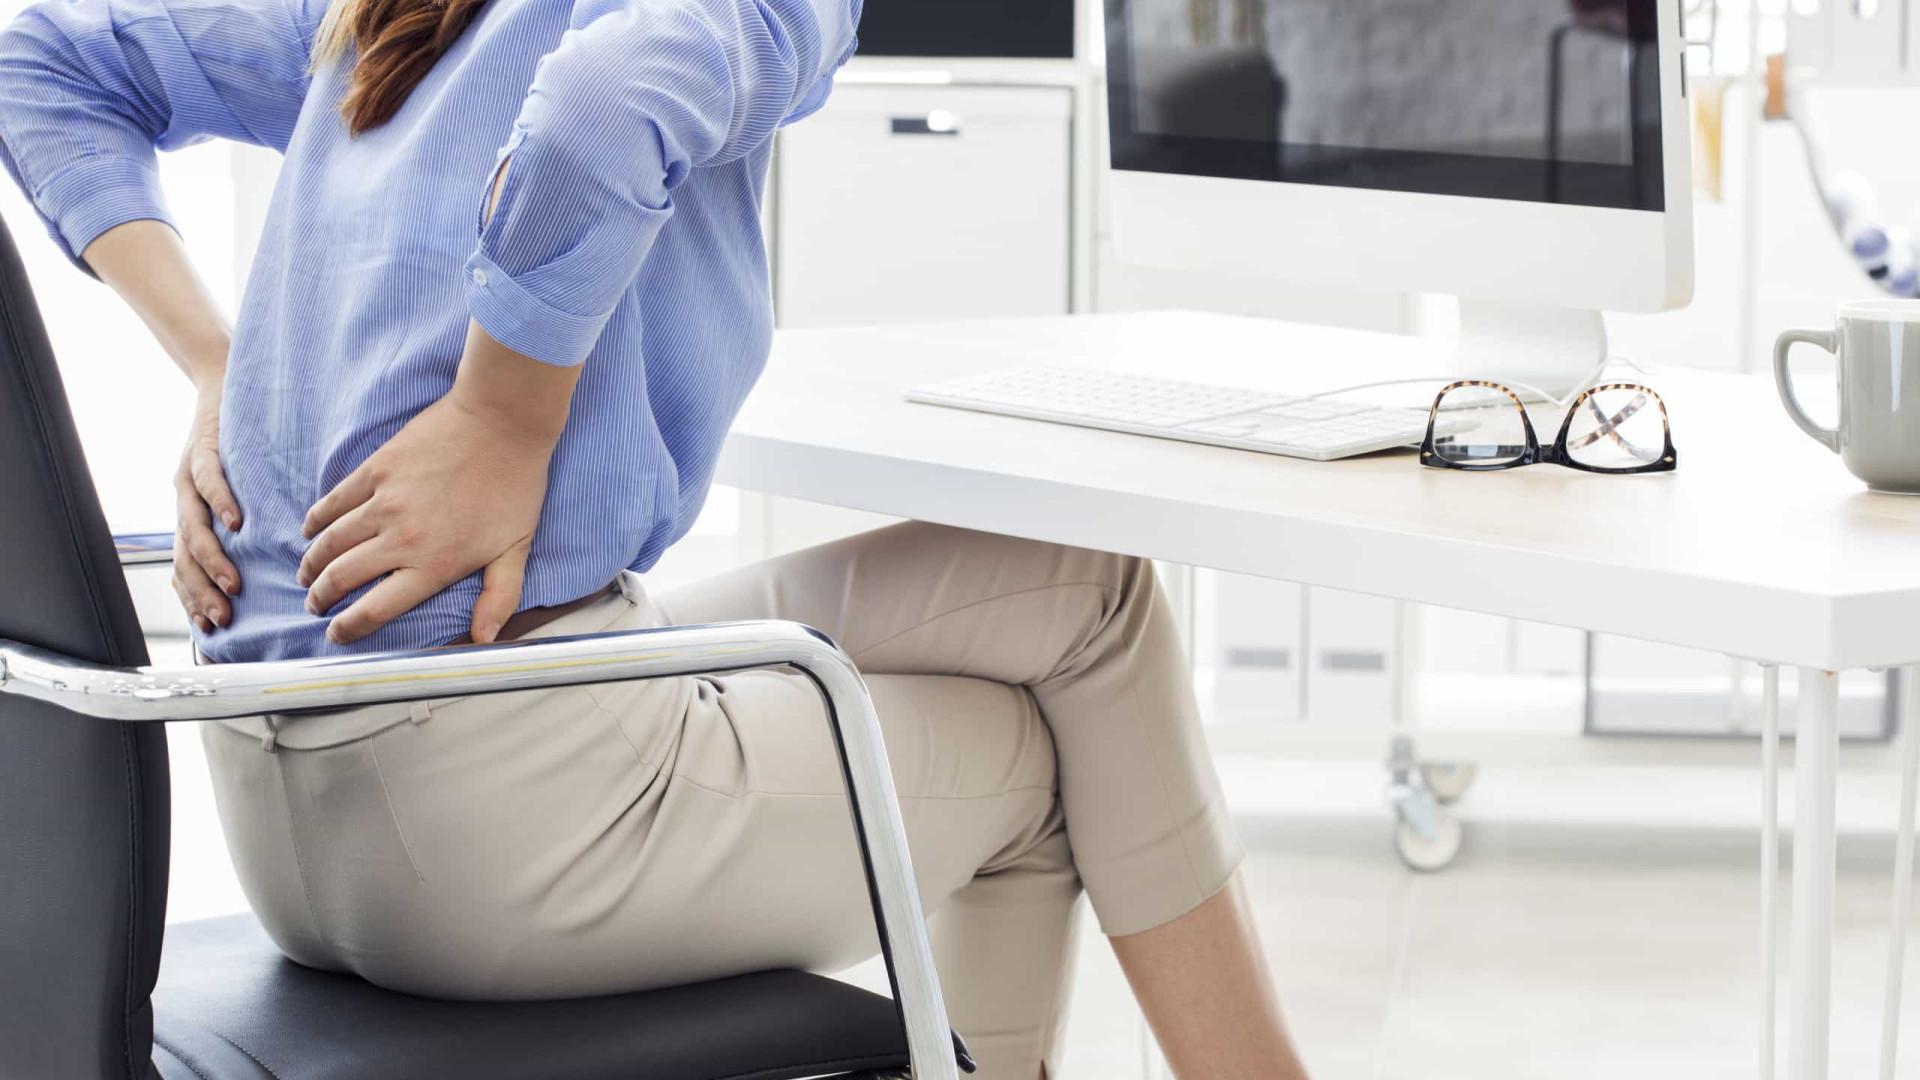 Reumatismo: Sete sinais de alarme que não deve ignorar